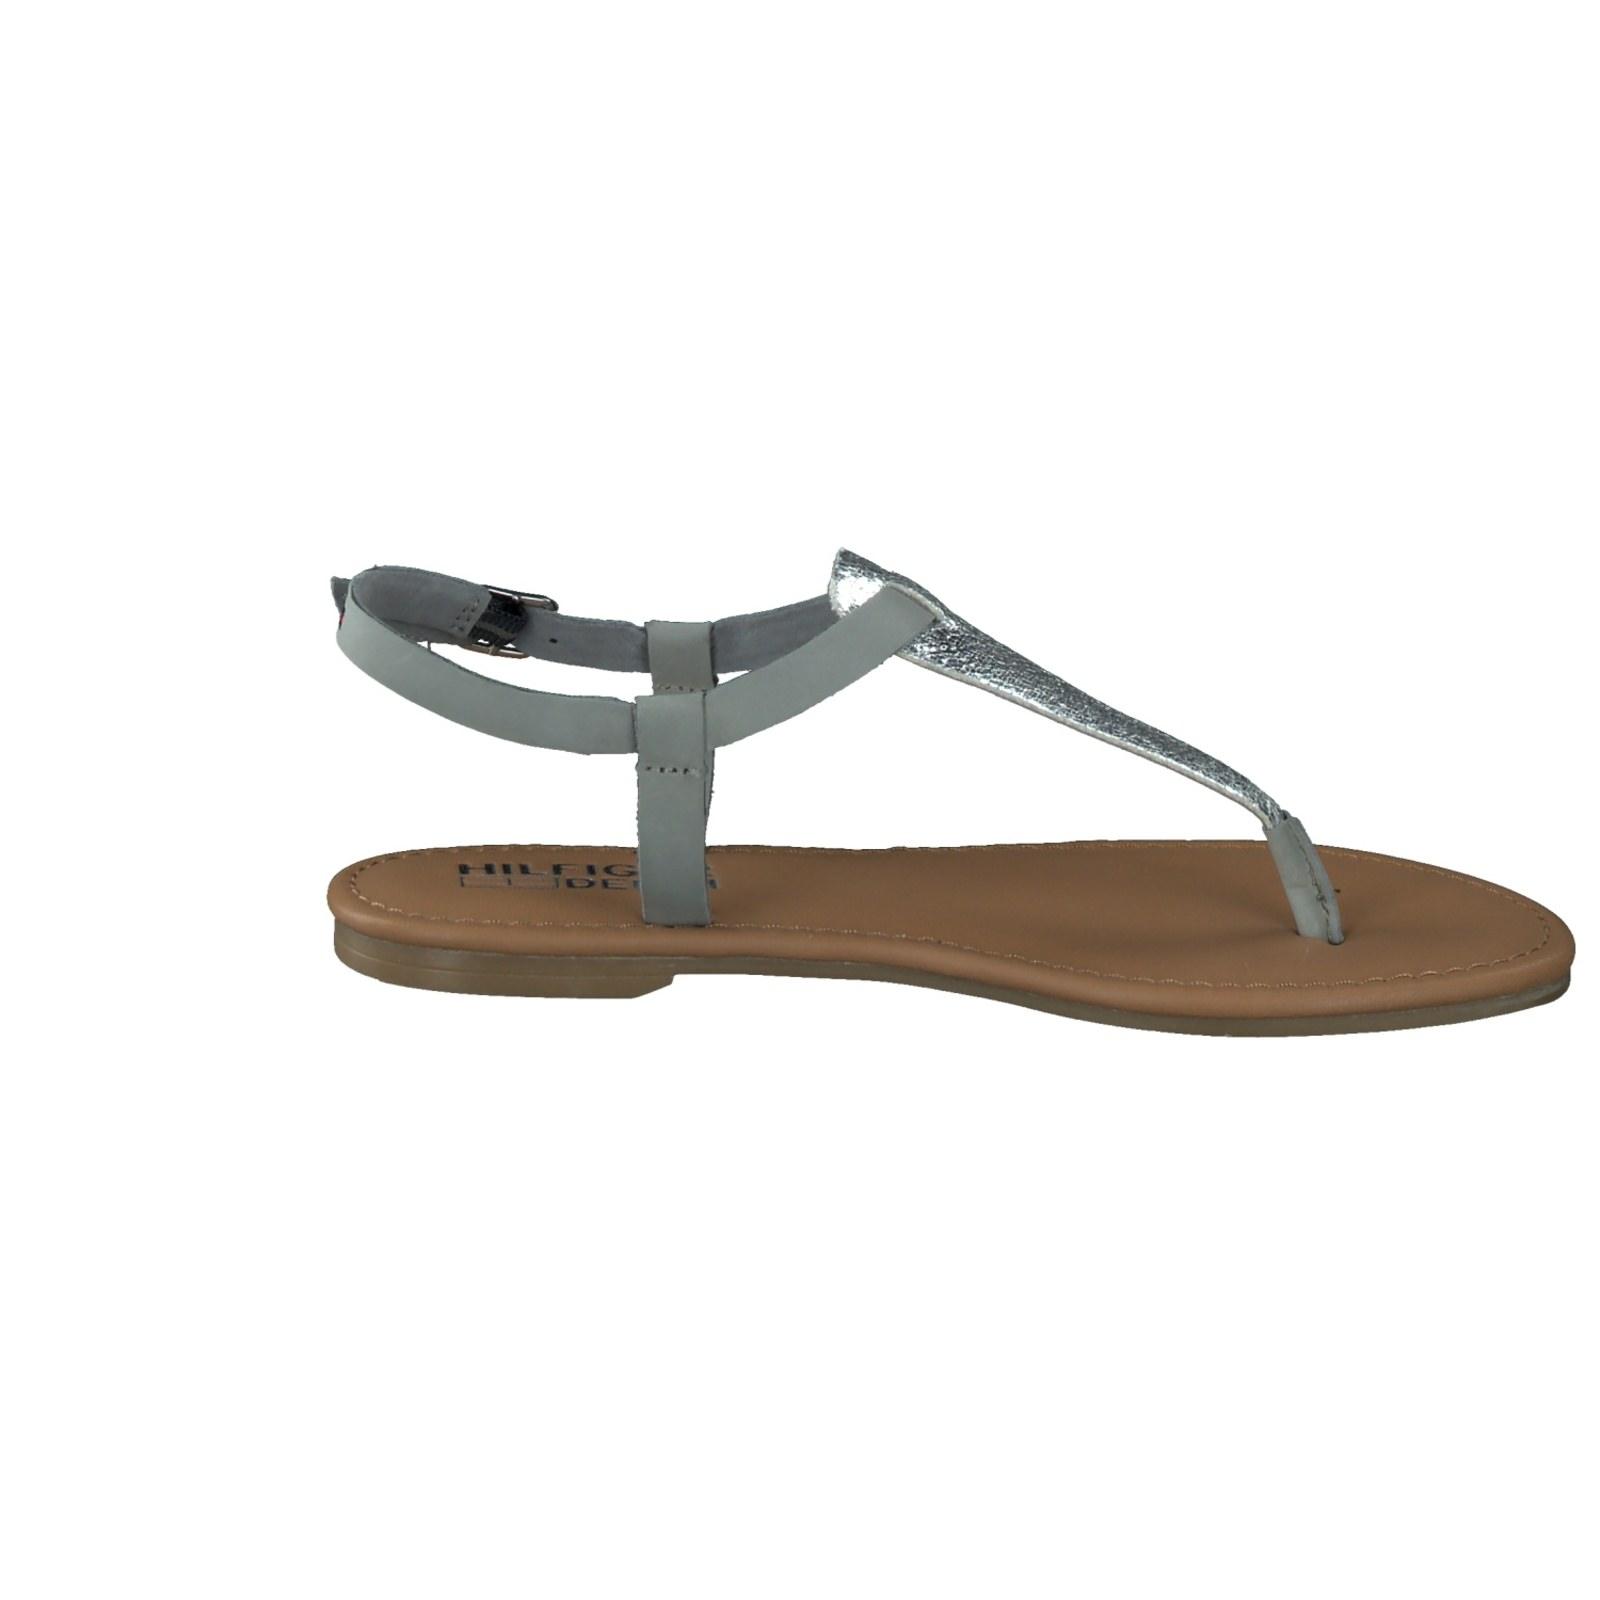 tommy hilfiger damen zehentrenner sandale in grau kaufen. Black Bedroom Furniture Sets. Home Design Ideas